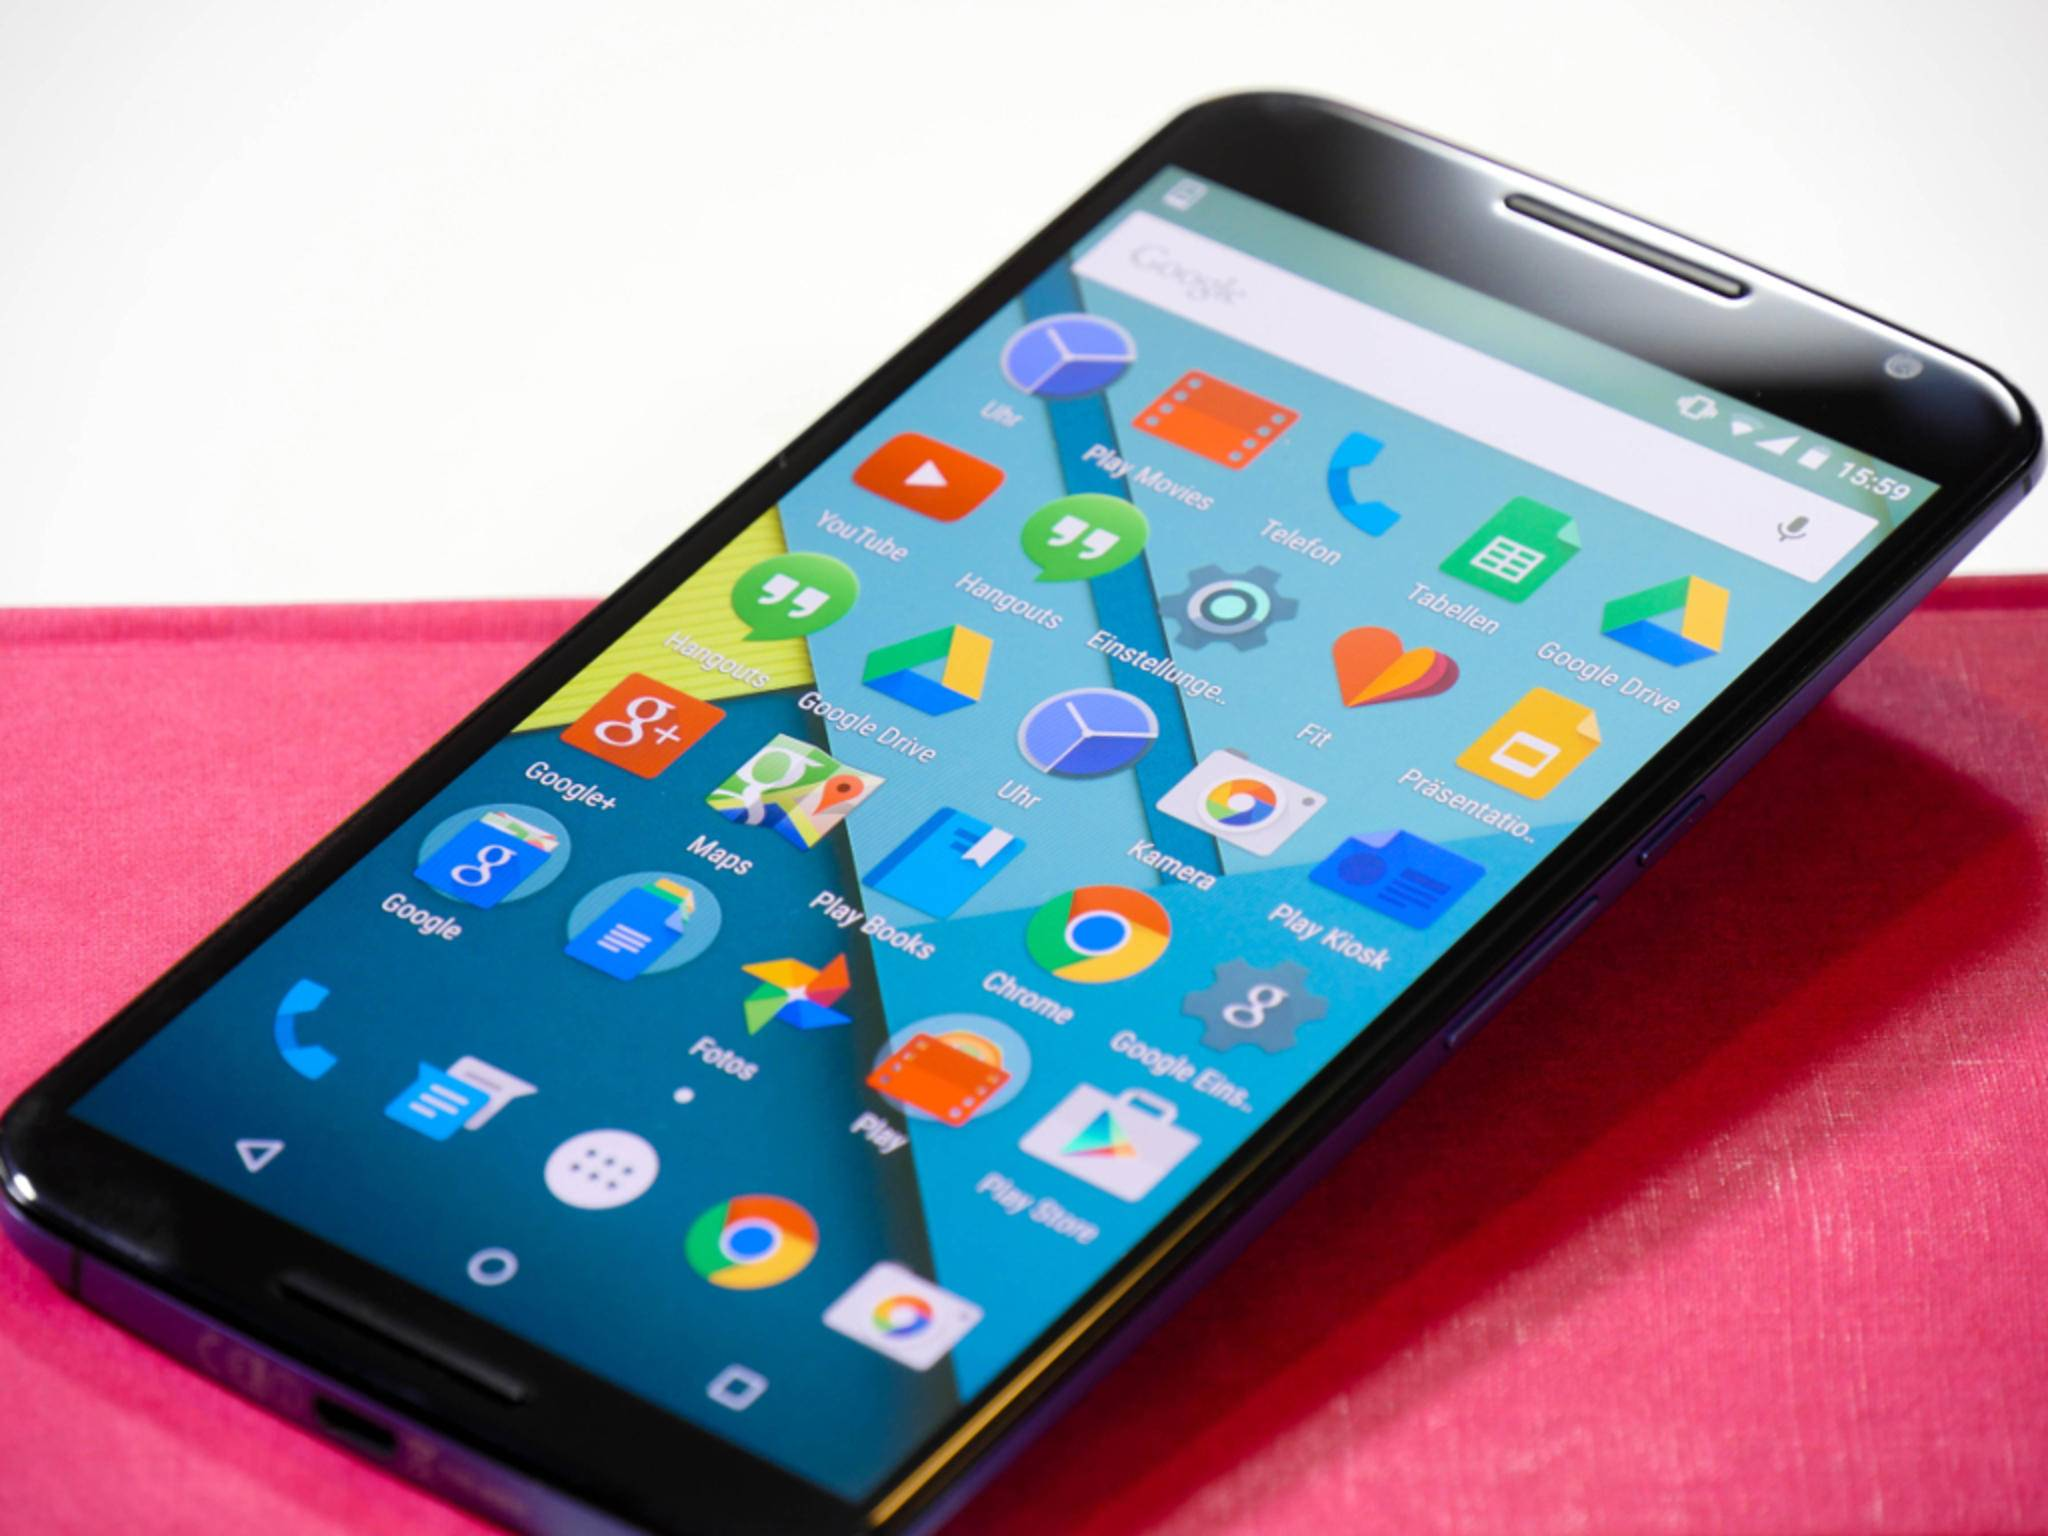 Android 5.0 Lollipop ist jetzt auf 1,6 Prozent aller Android-Geräte vertreten.